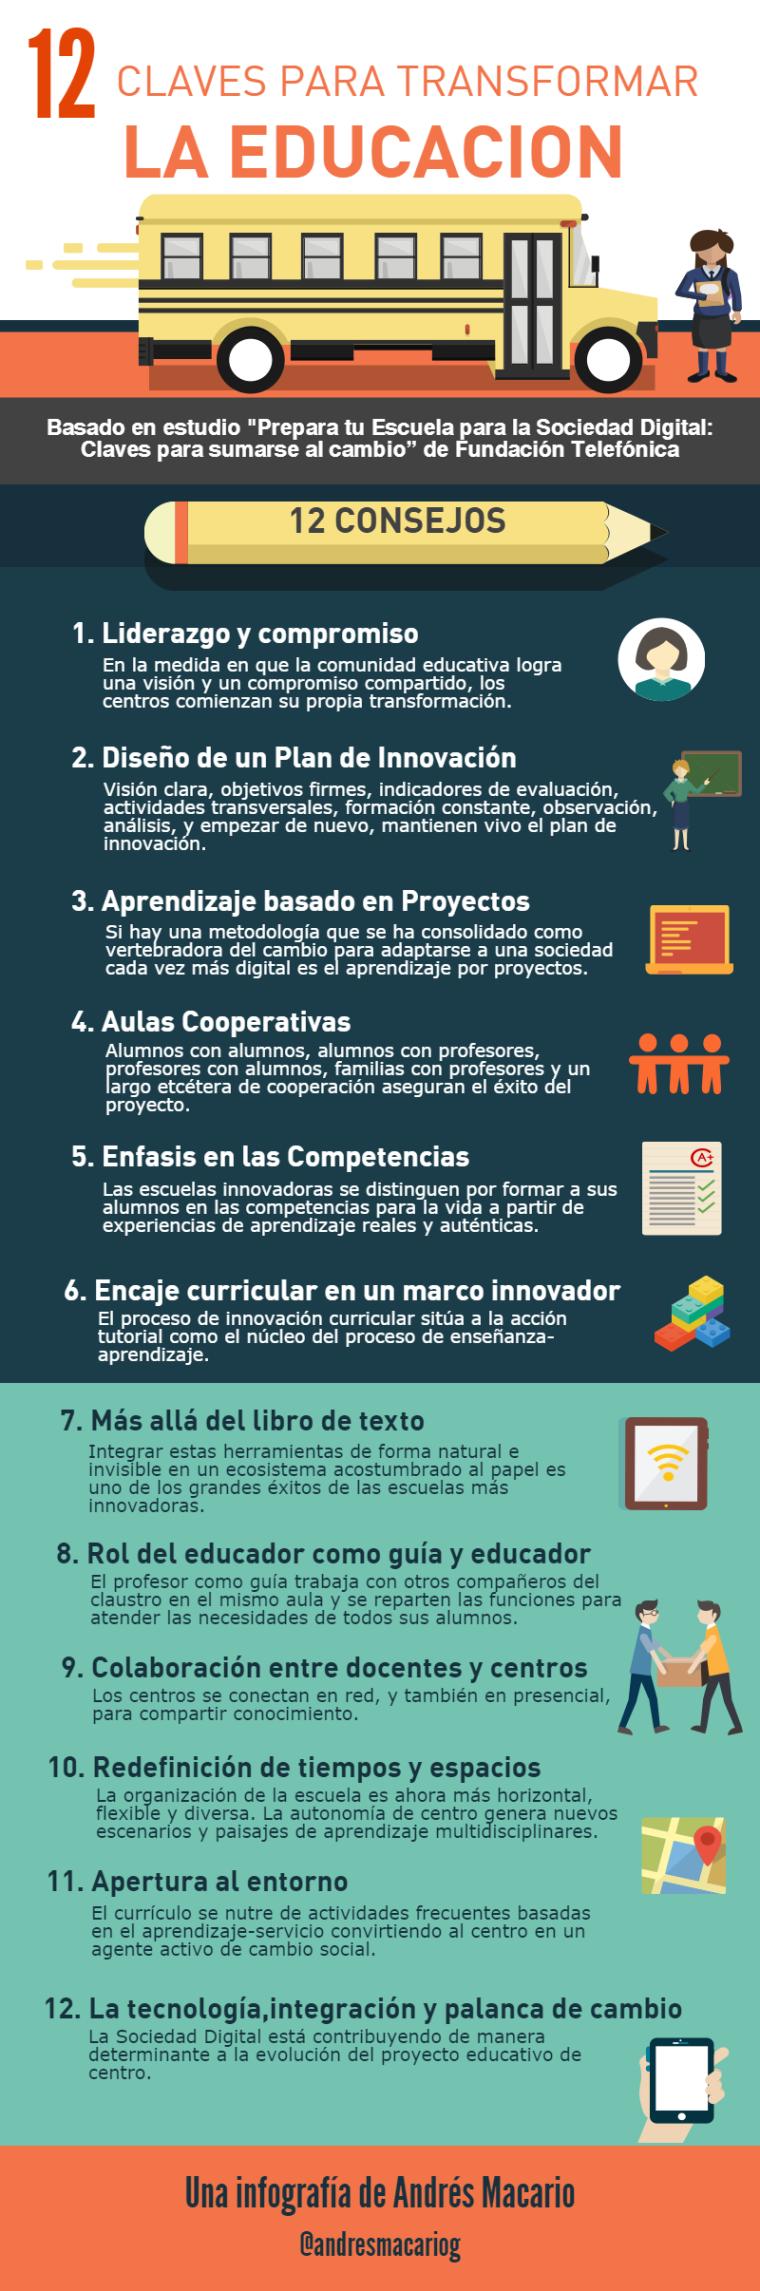 12-claves-para-transformar-la-educacion-Infografia-Andres-Macario.png